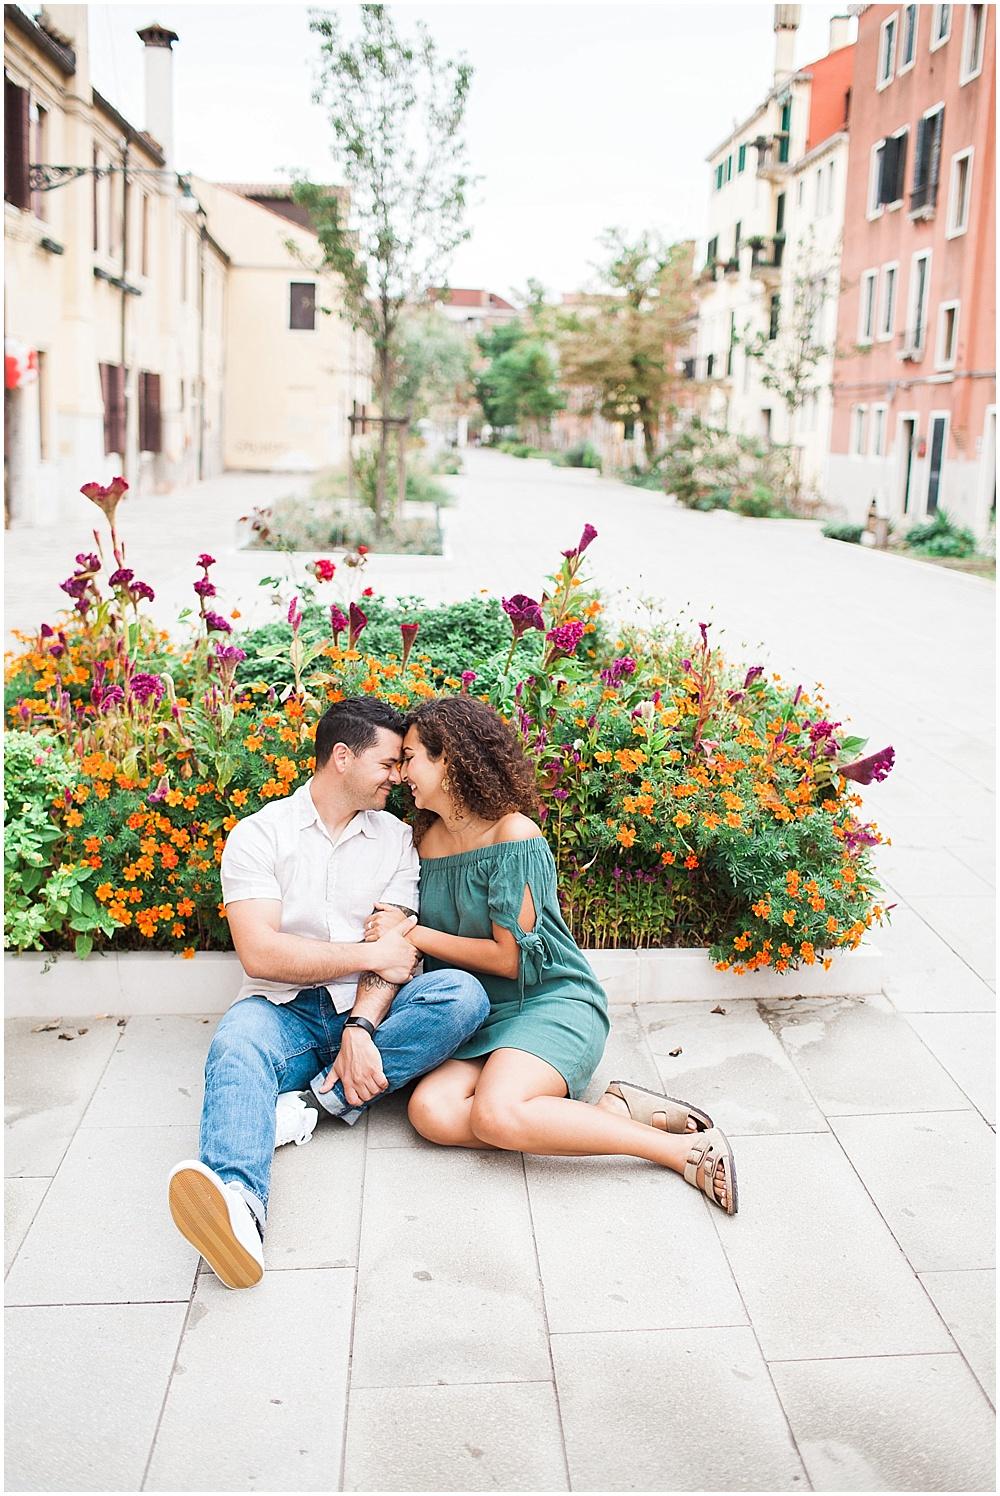 venice-italy-wedding-photograher-stefano-degirmenci_0477.jpg